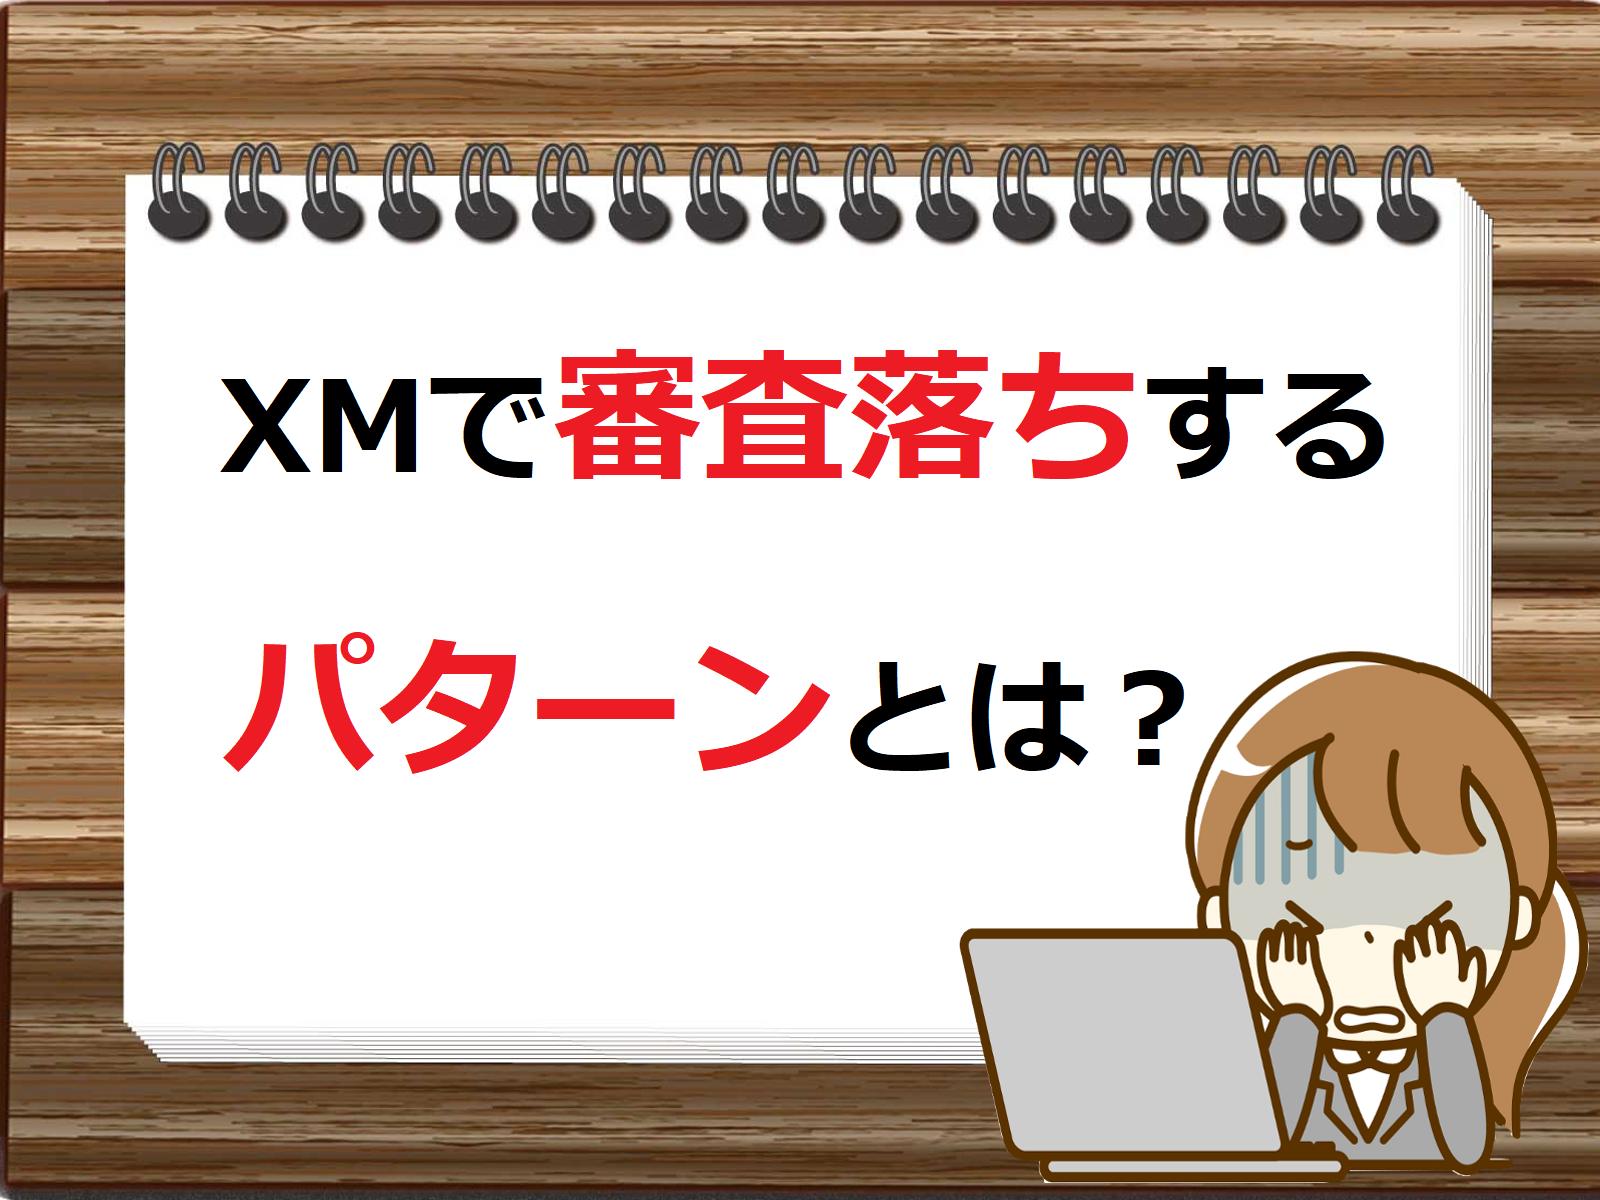 XM審査落ちパターン